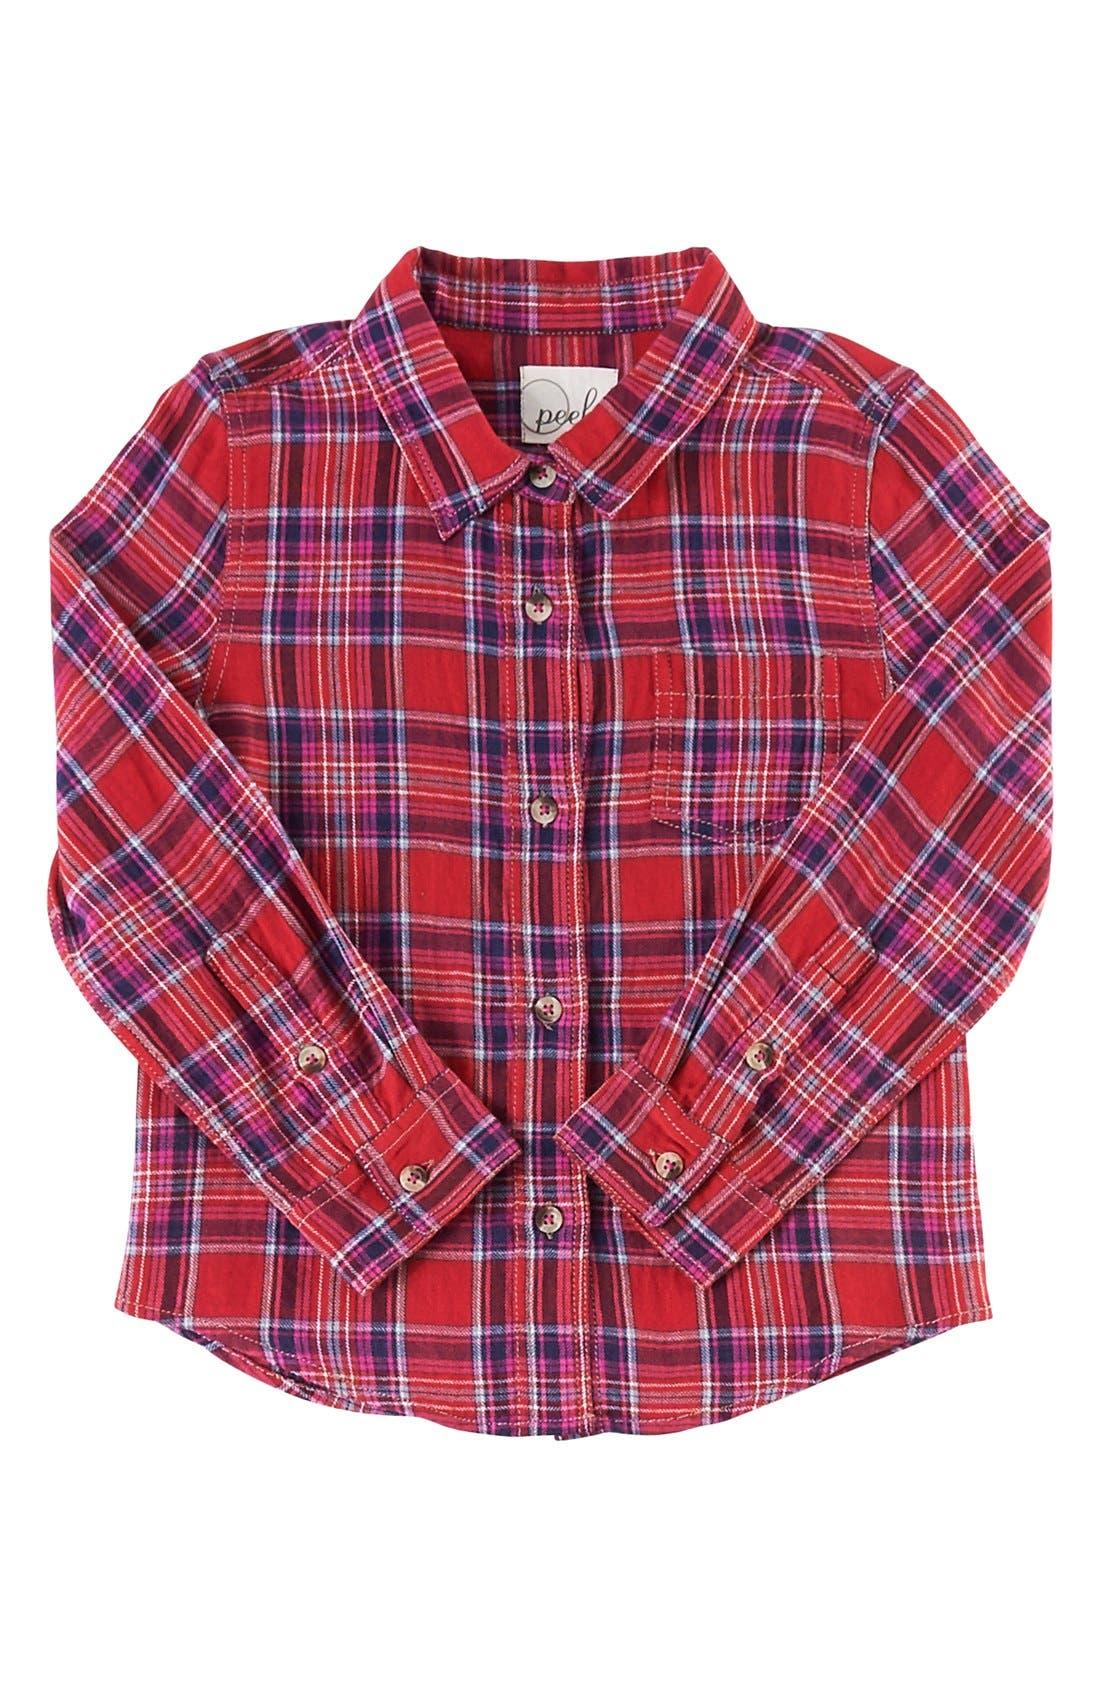 Main Image - Peek 'Belen' Plaid Flannel Shirt (Toddler Girls, Little Girls & Big Girls)